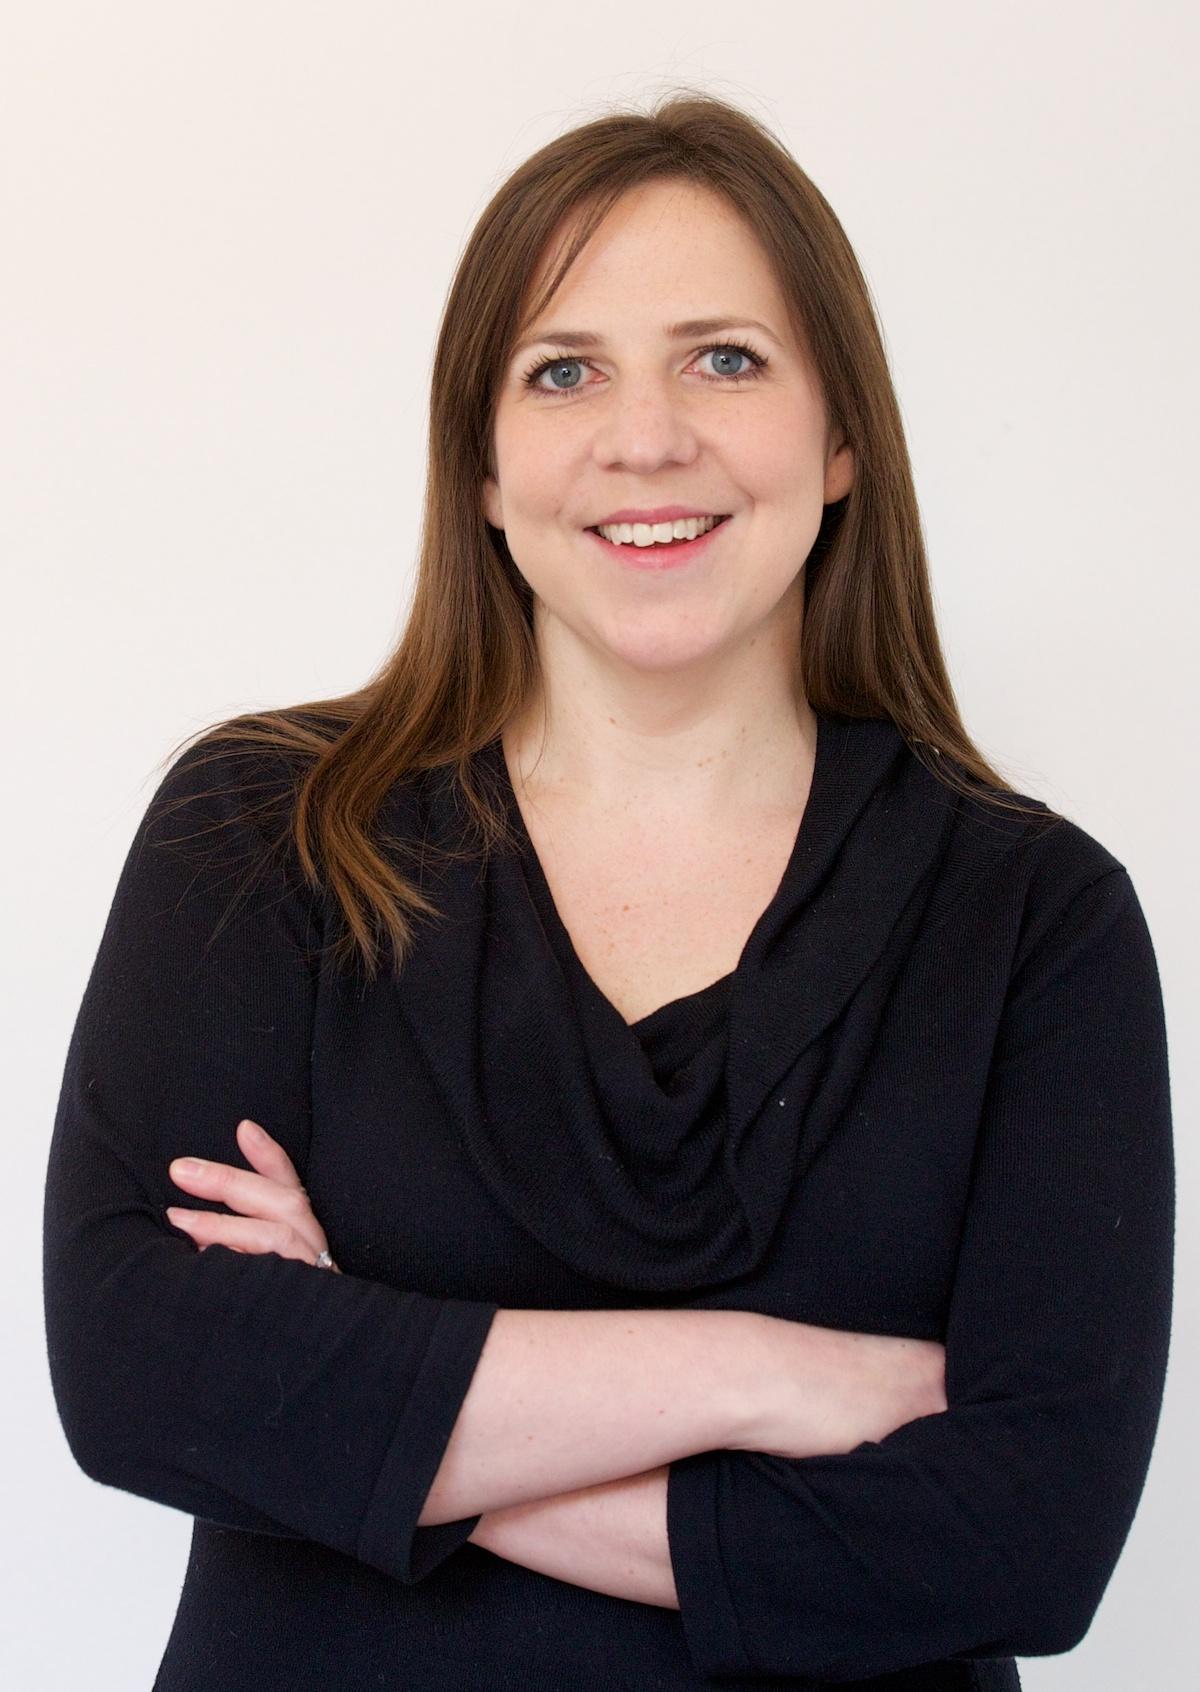 Sarah Penn Outstanding Branding